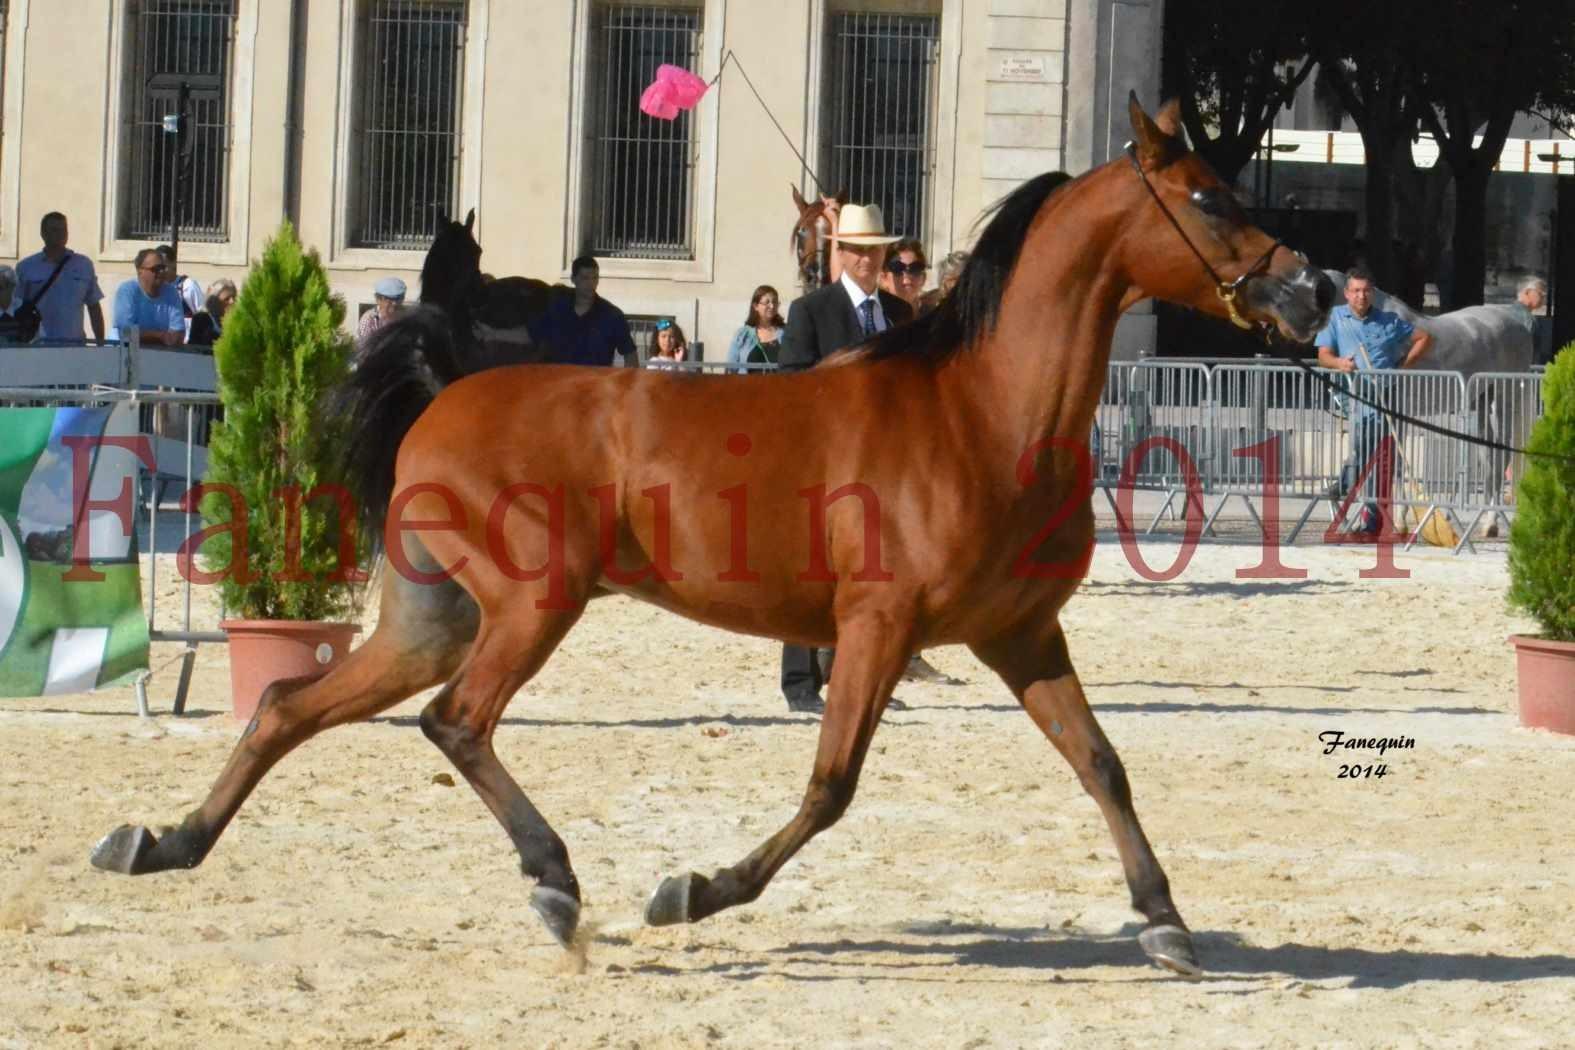 Concours National de Nîmes de chevaux ARABES 2014 - Notre Sélection - ABHA TALAWA - 7